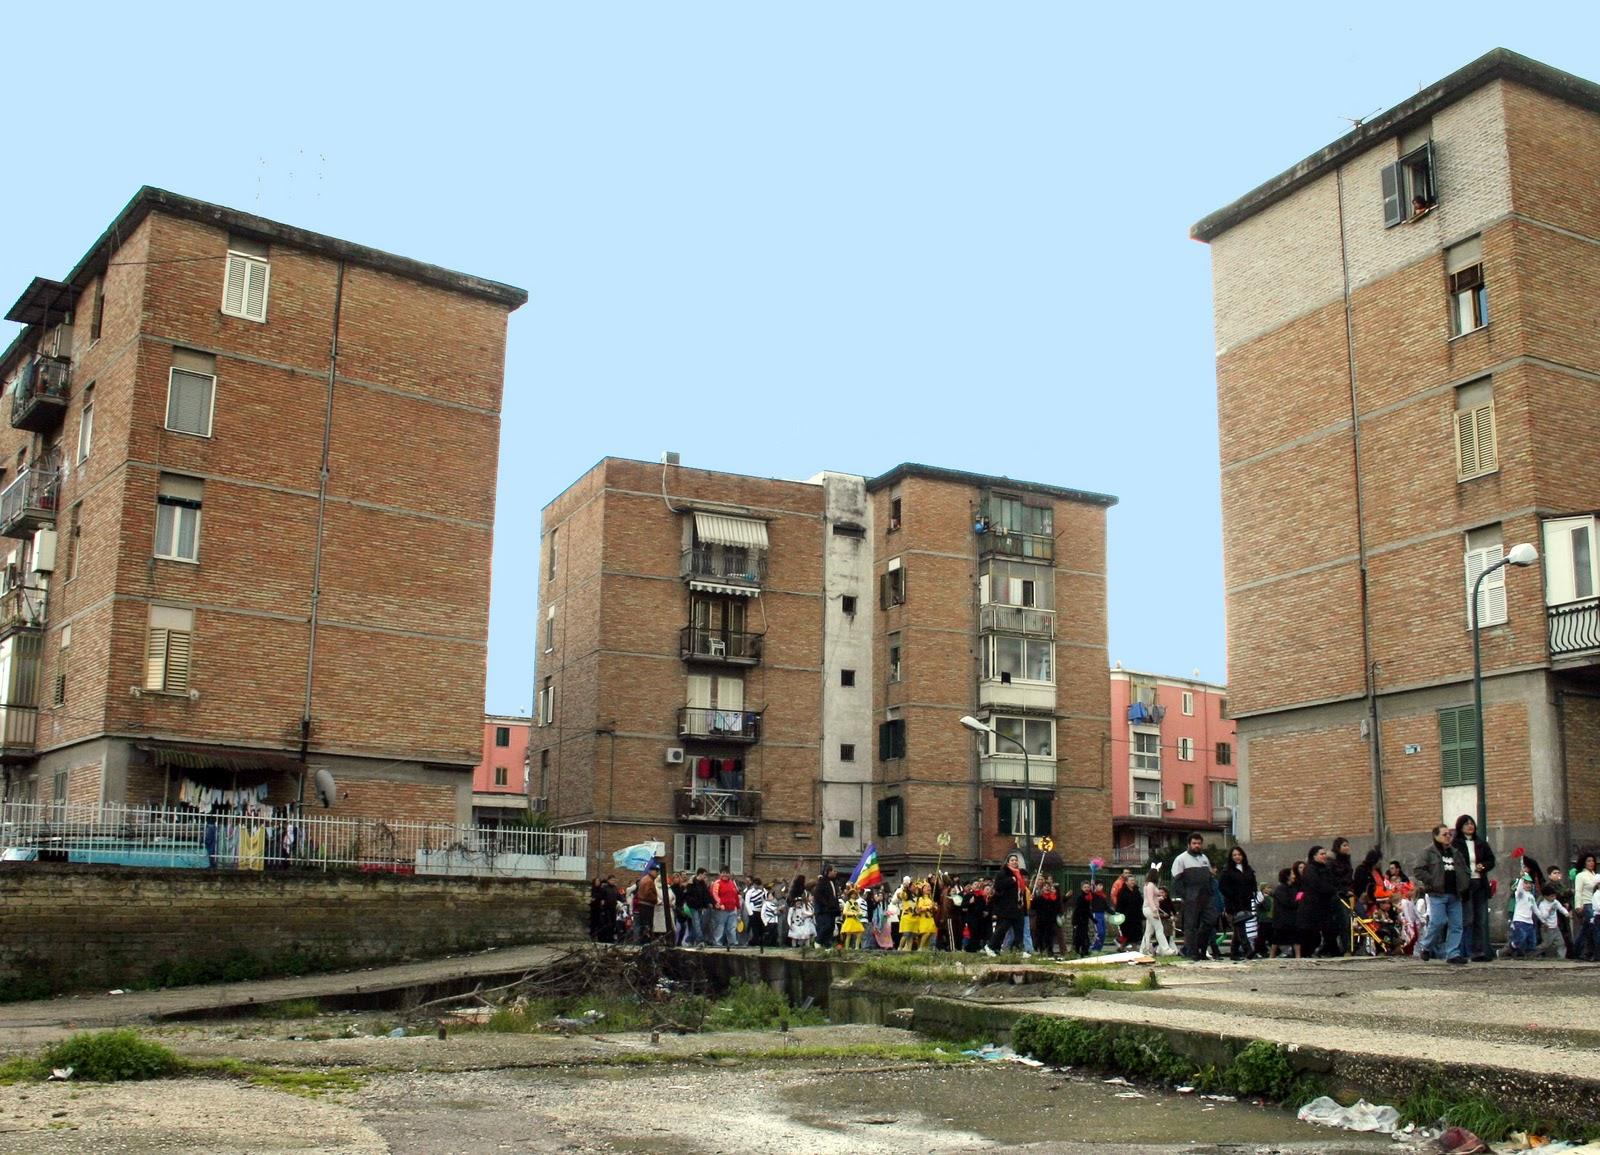 Disoccupato si suicida, accade a Napoli: lascia un figlio di due anni